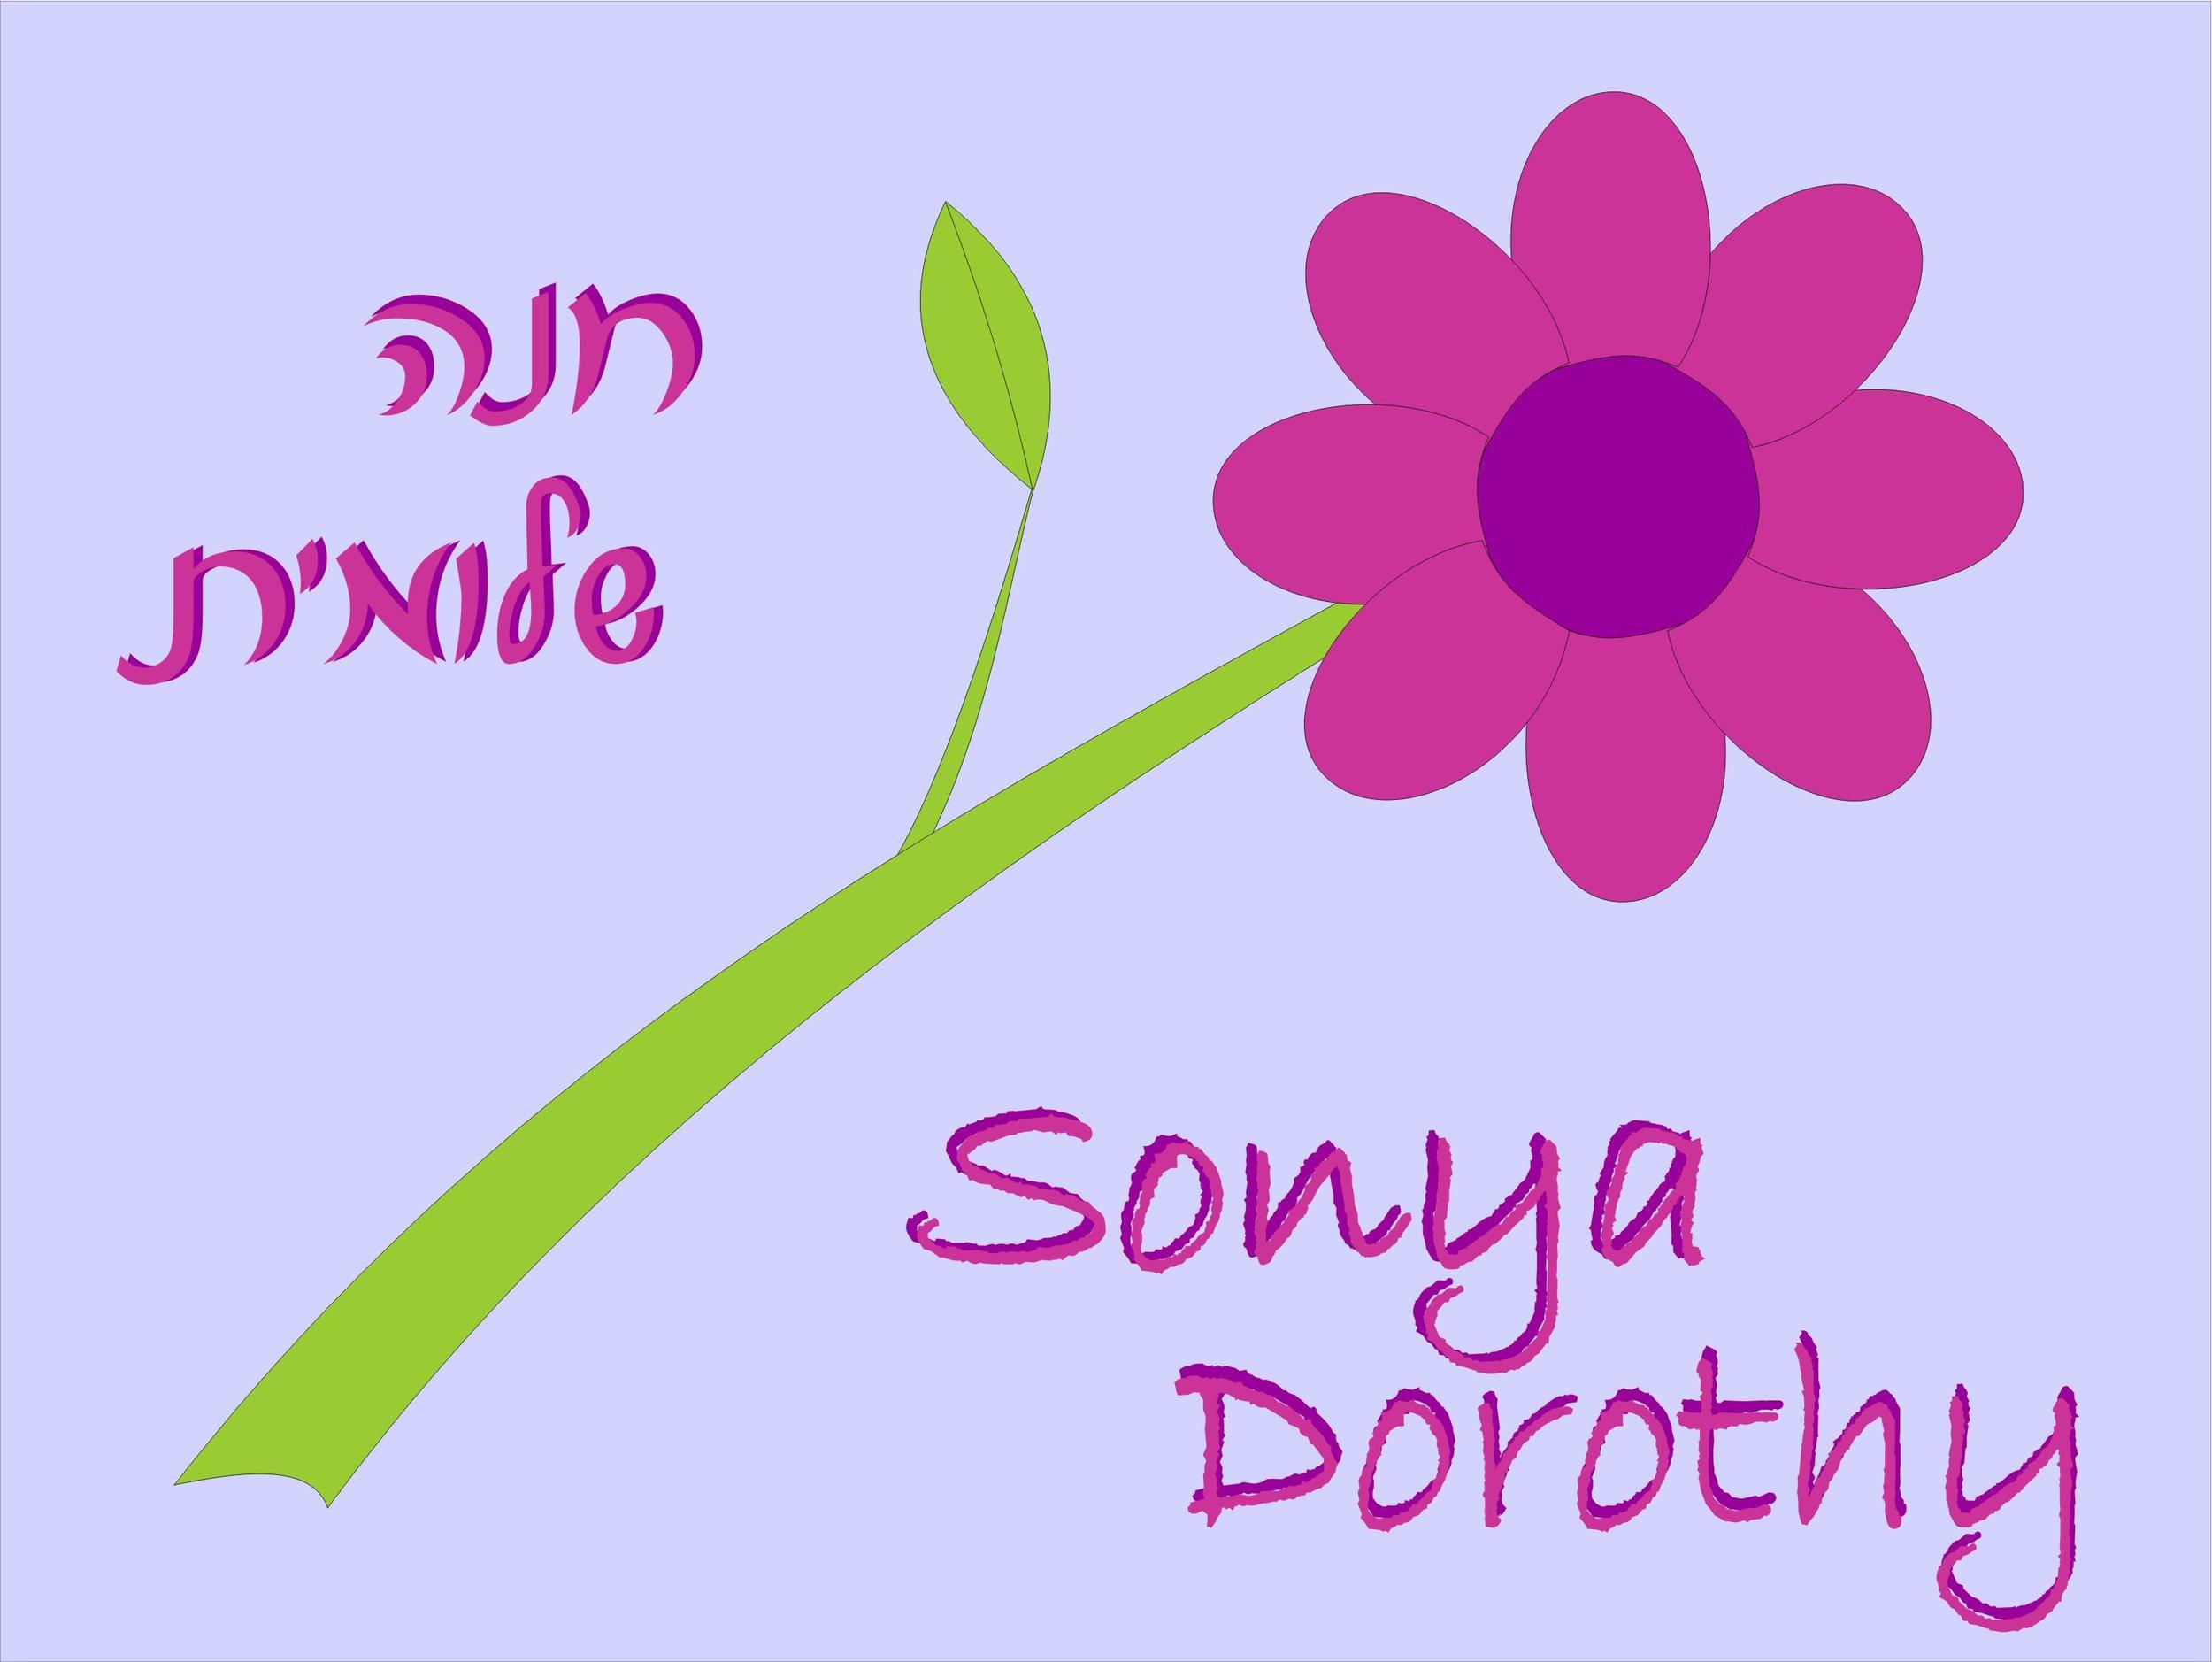 sonya_dorothy.JPG